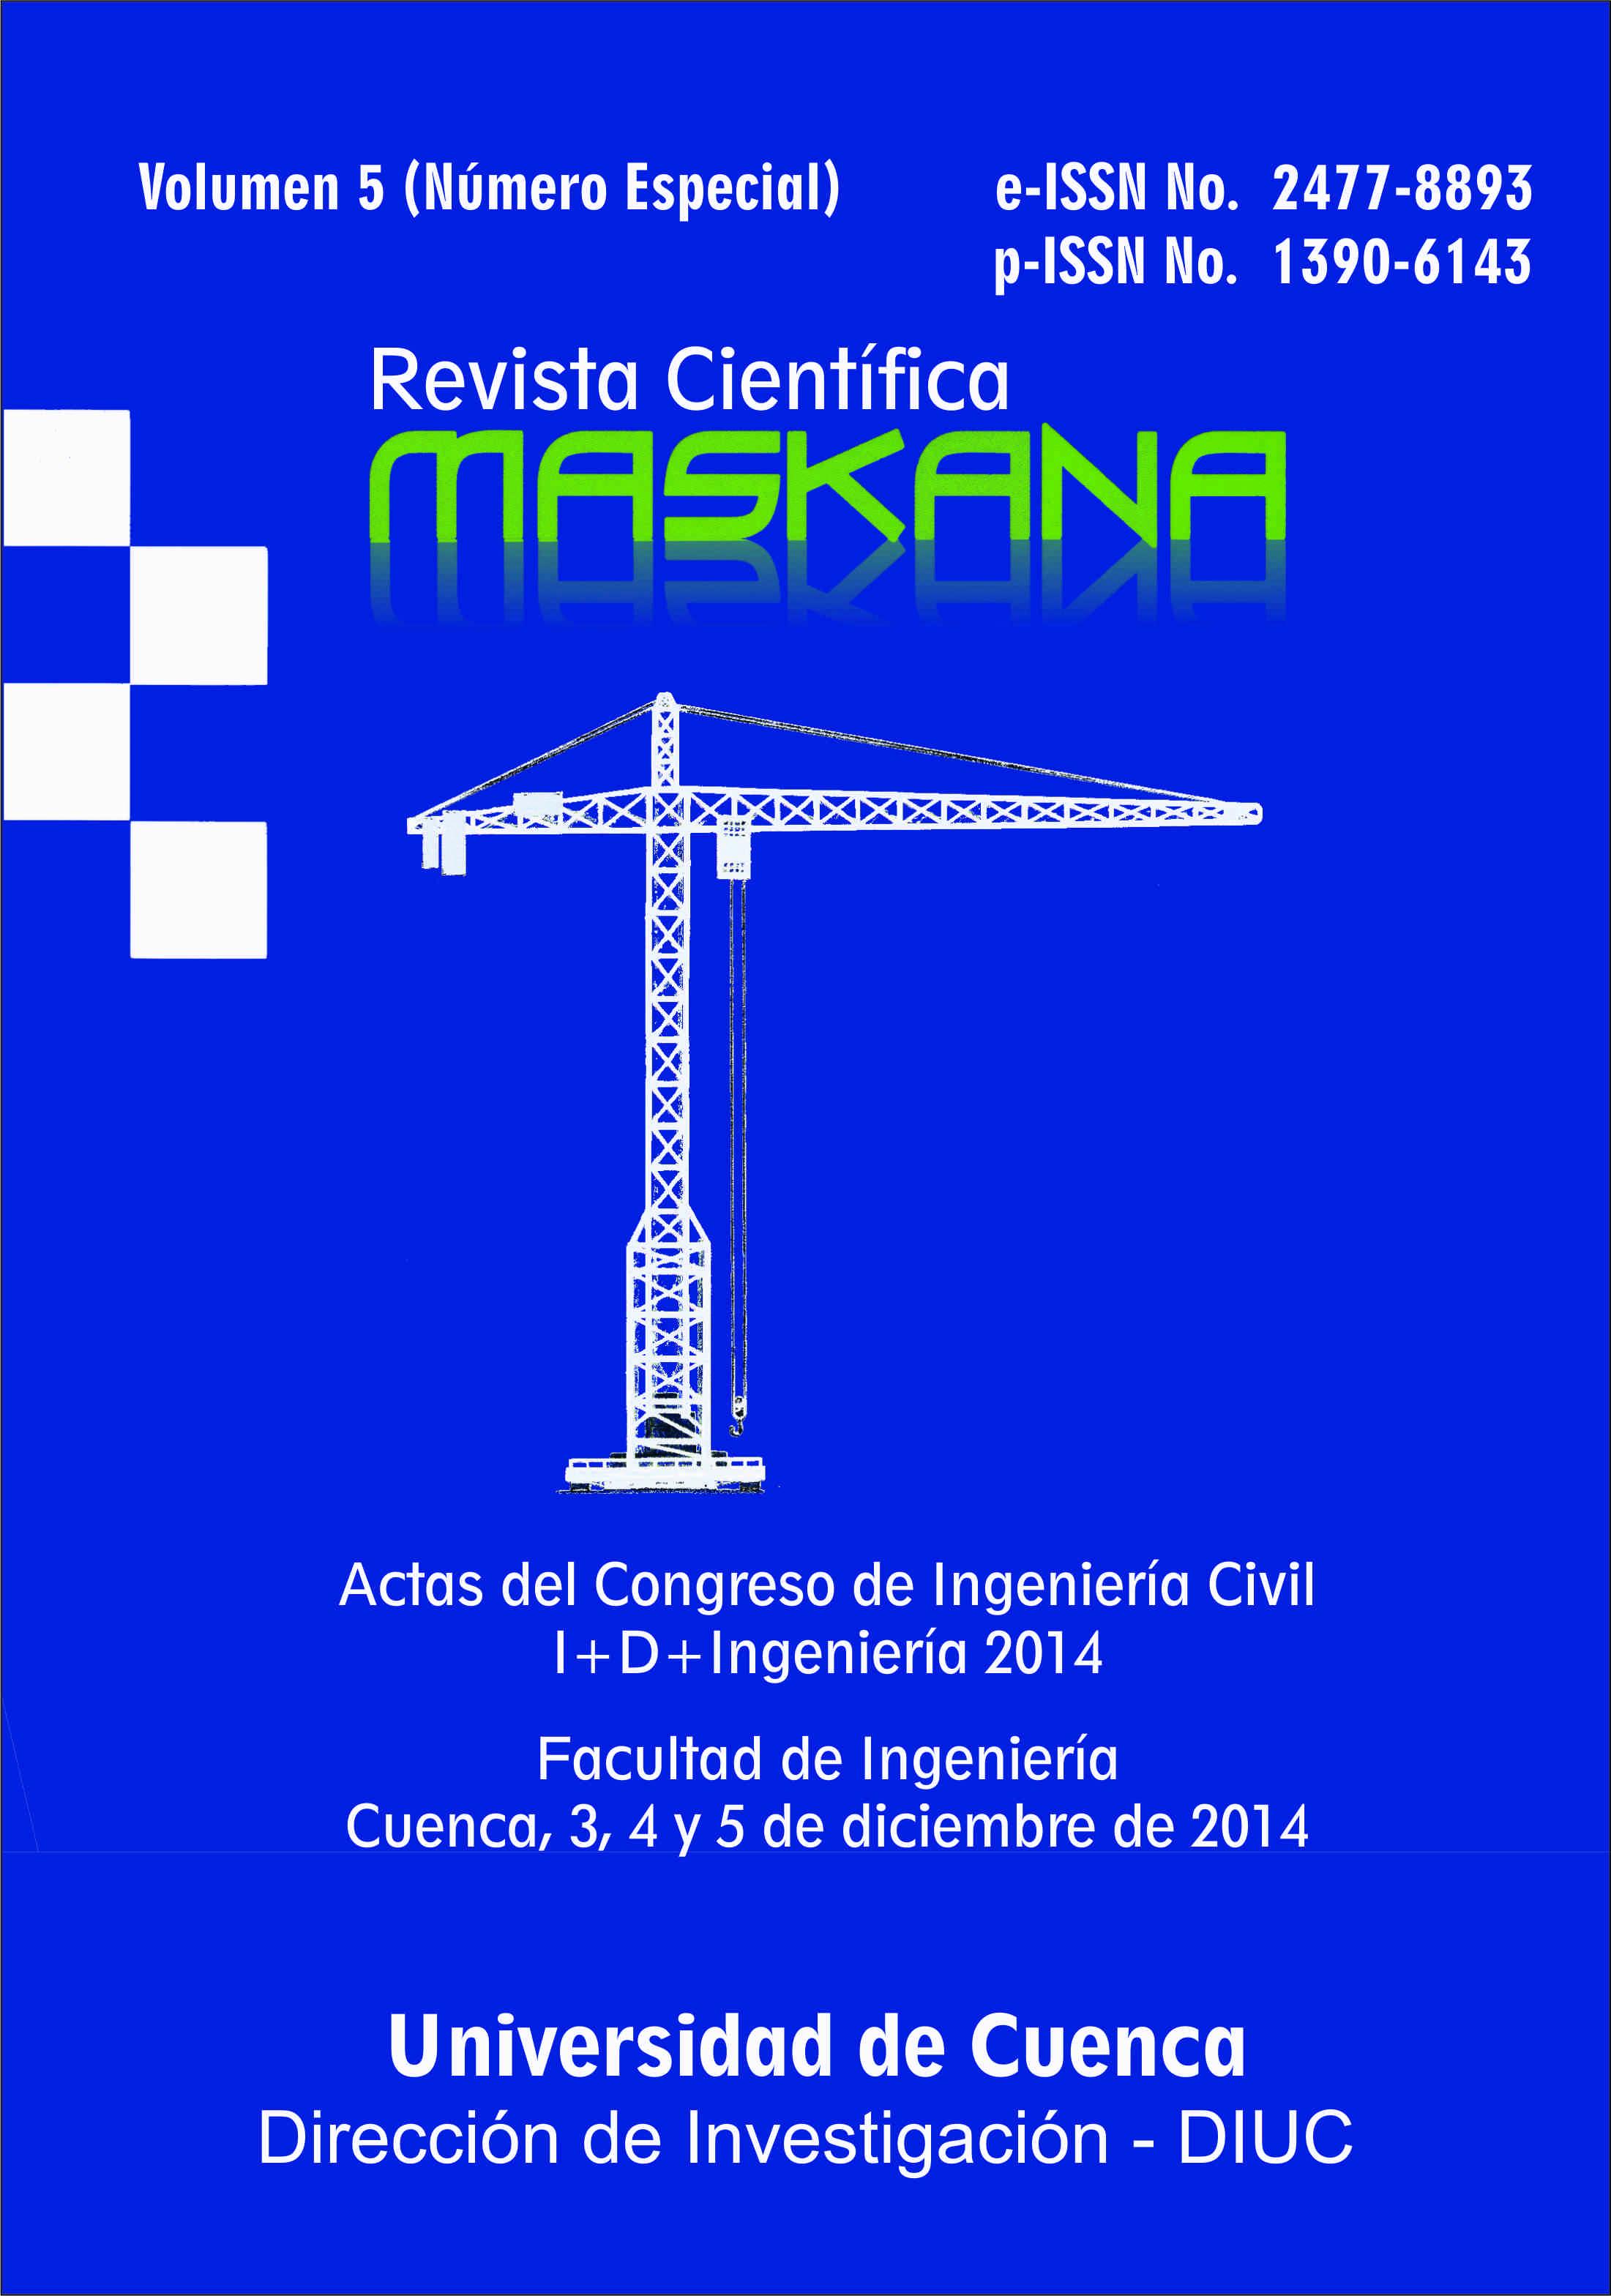 Ver Vol. 5 (2014): Actas del Congreso de Ingeniería Civil, como parte del Congreso I+D+Ingeniería 2014